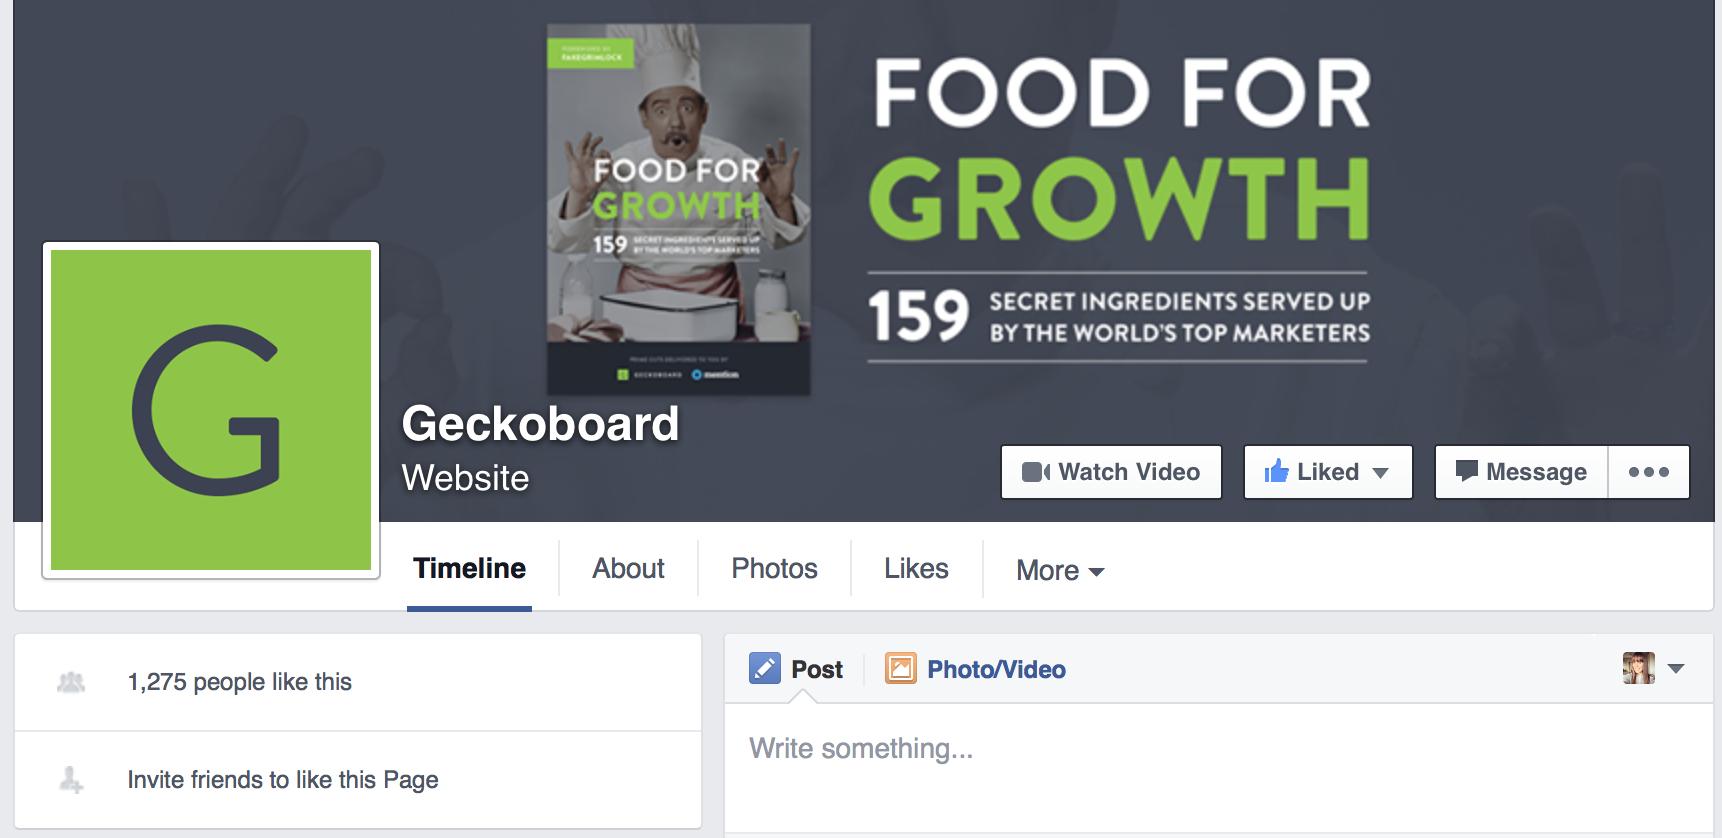 Geckoboard_facebook.png